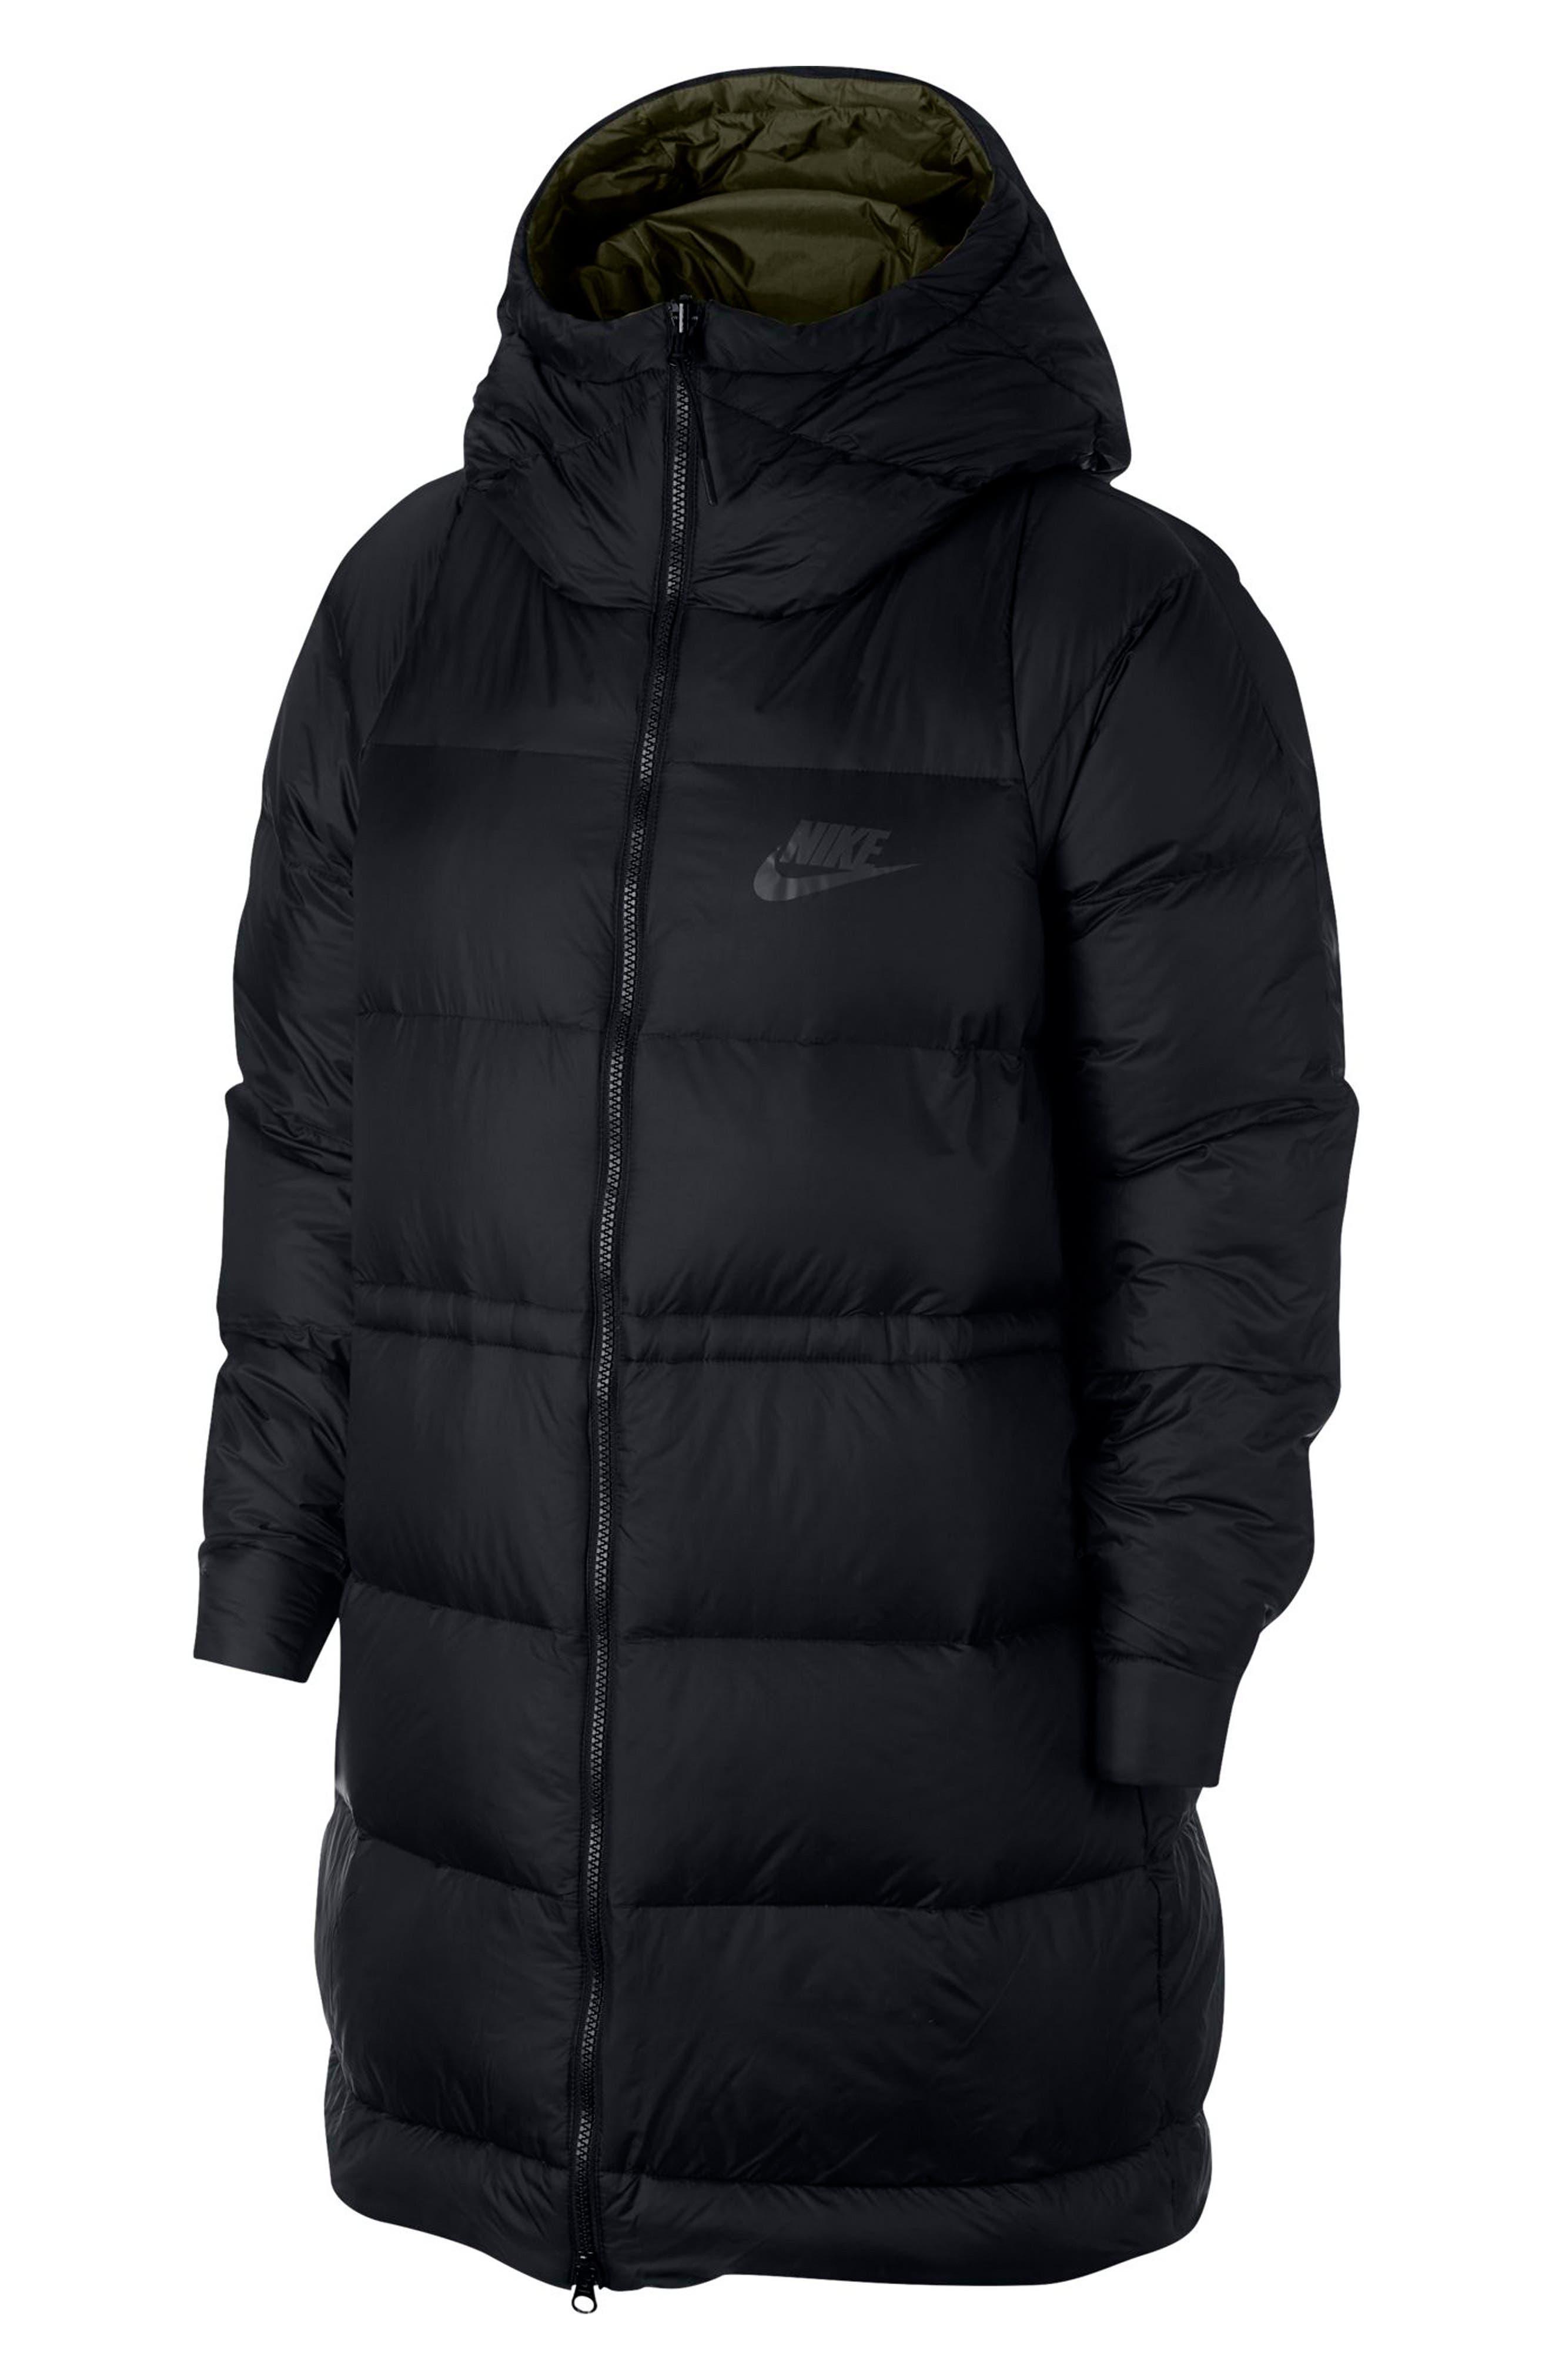 Nike Sportswear Reversible Down Fill Jacket